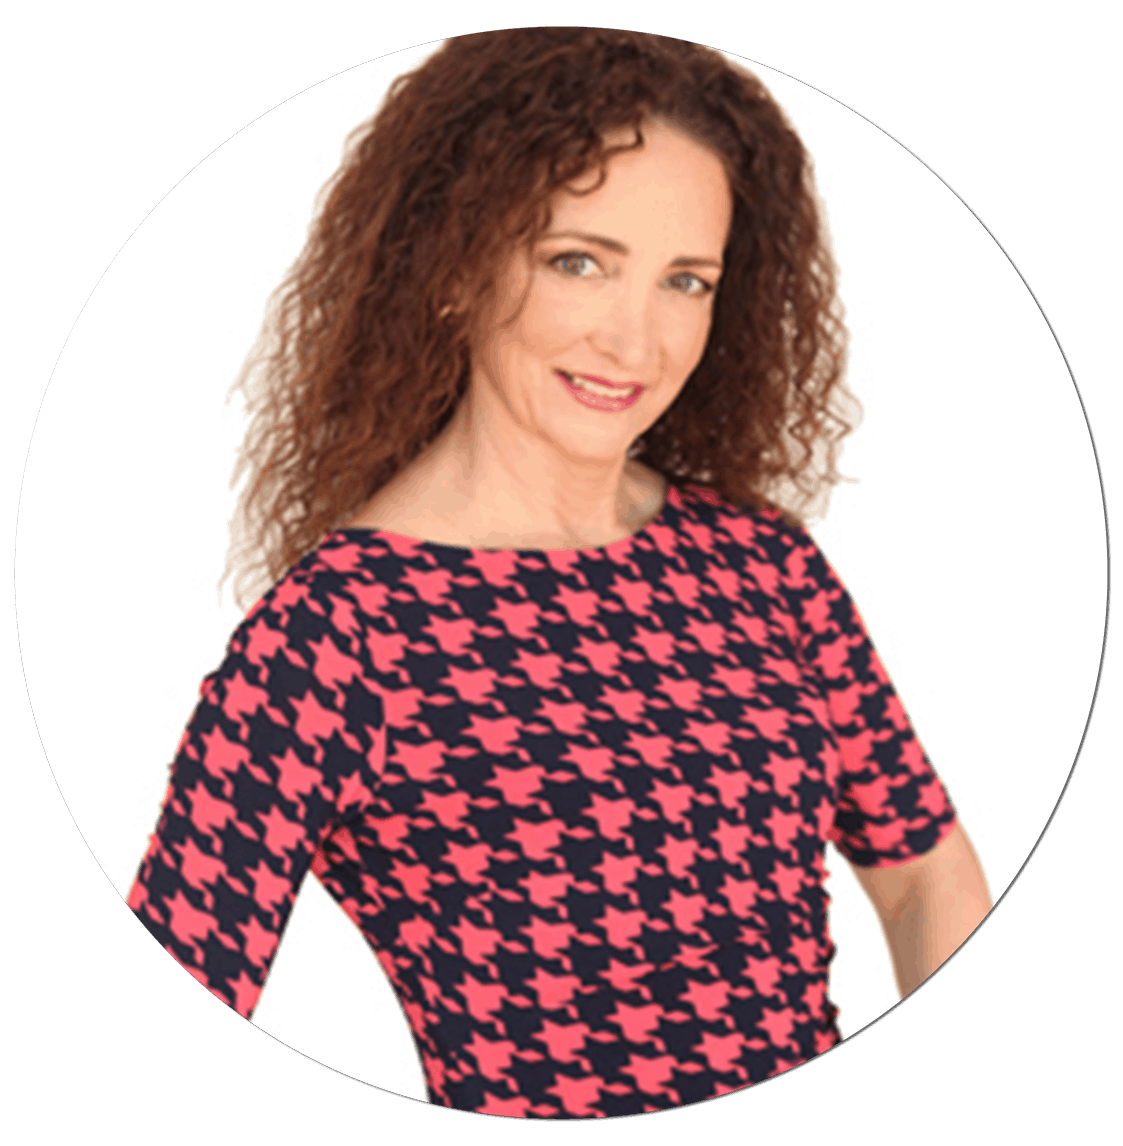 Julie-Van-De-Wyngaerde